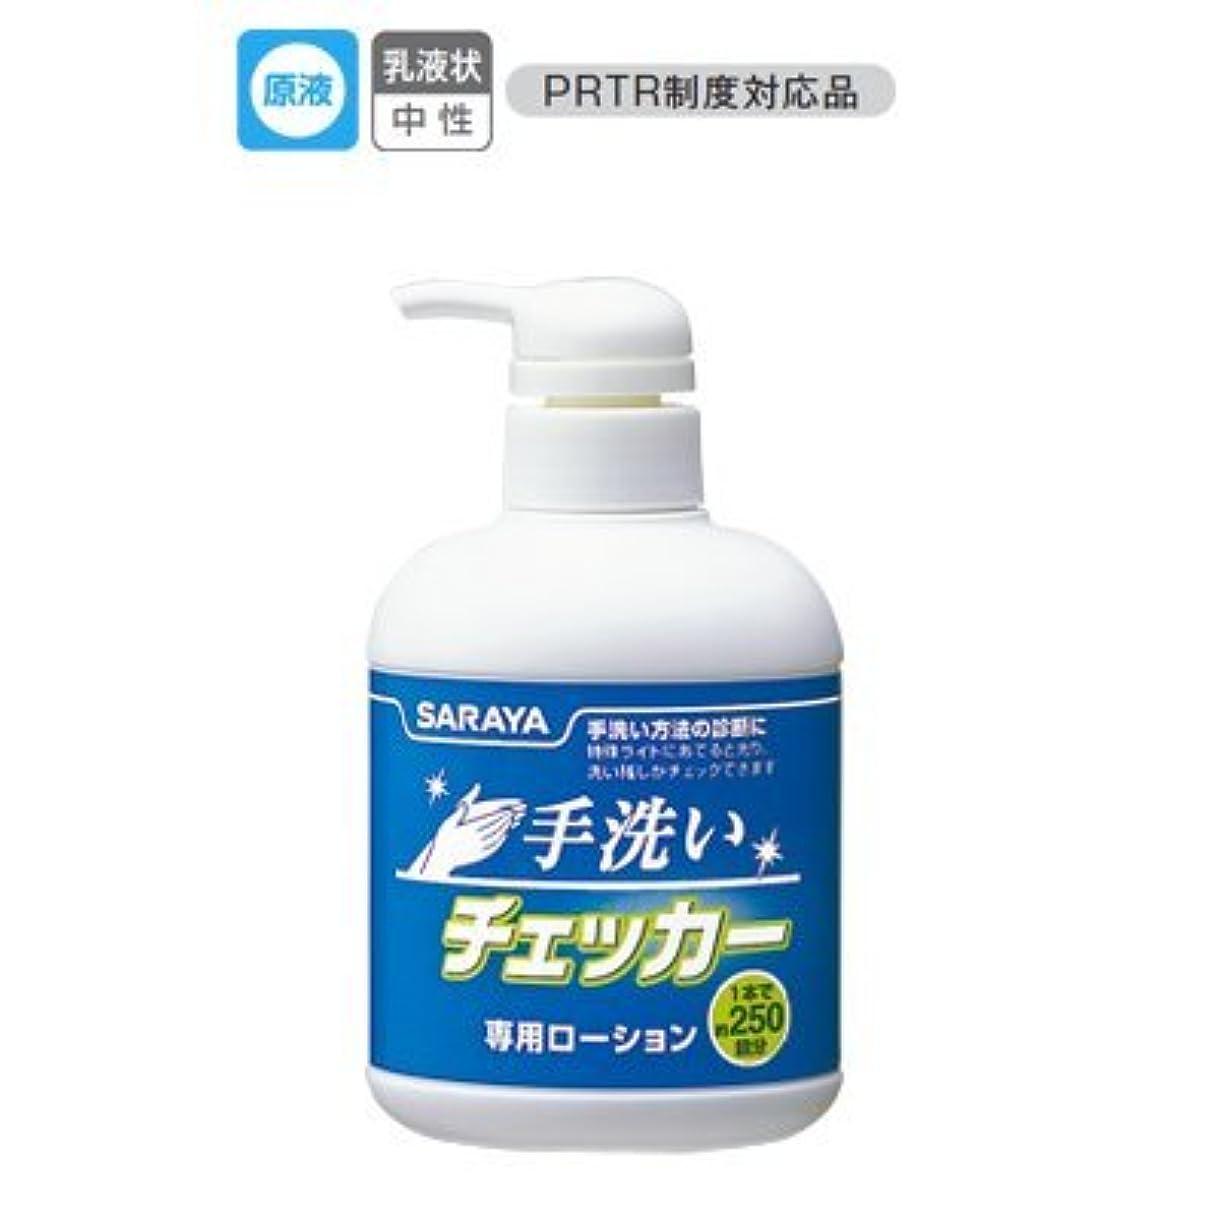 驚くべき笑い署名サラヤ 手洗いチェッカー 専用ローション 250mL【清潔キレイ館】